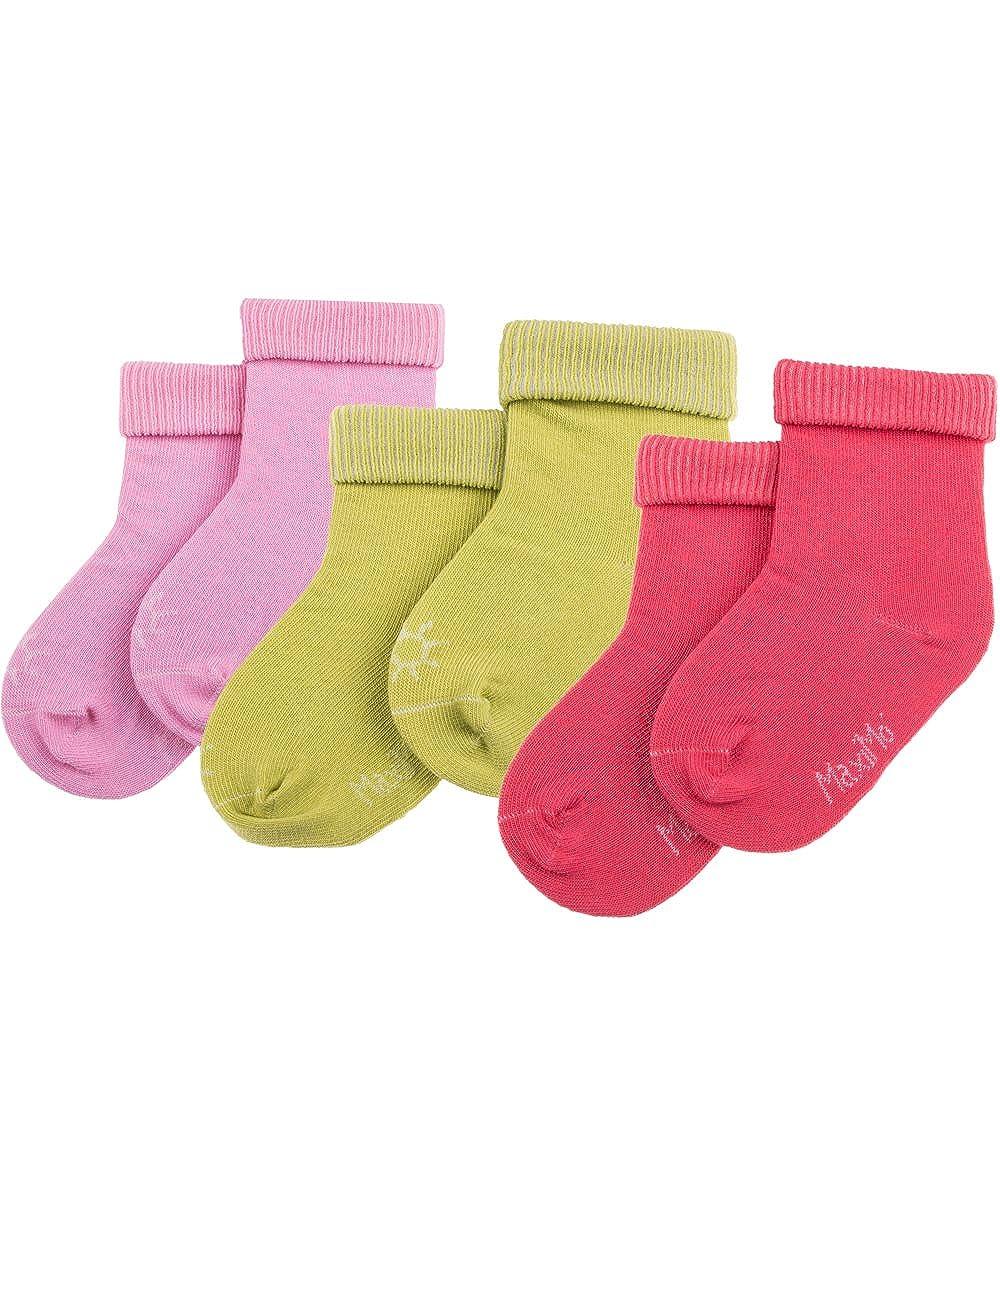 maximo Babysocke mit Umschlagrand, 3er Pack, uni, Mädchen - Chaussettes - Uni - Bébé fille 55830-195515